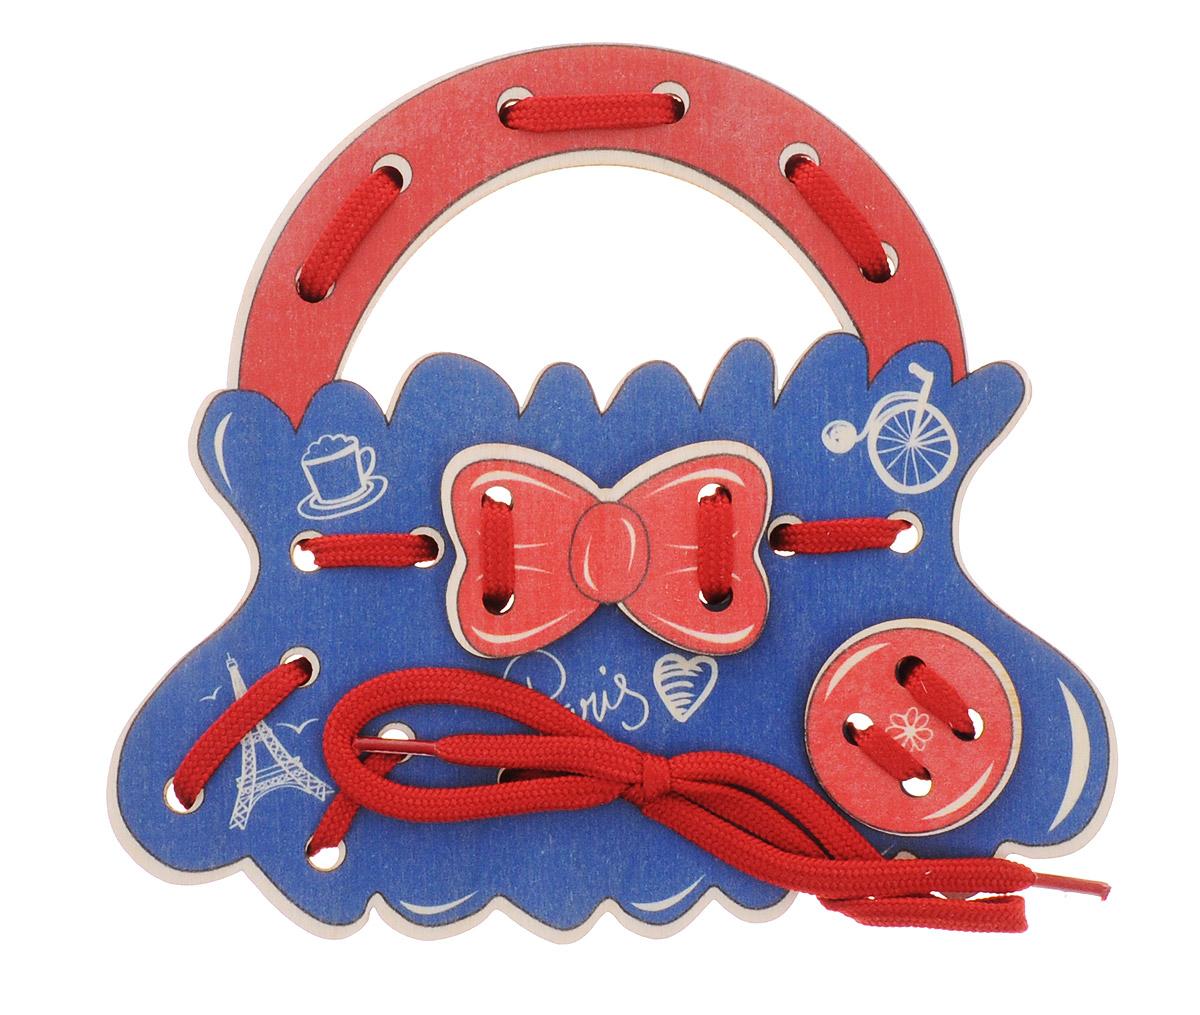 Развивающие деревянные игрушки Шнуровка Сумочка Французская фантазияД474аШнуровка Французская фантазия выполнена в виде сумочки для маленьких модниц. Играя с этой сумочкой, ребенок научится шнуровать и завязывать шнурочки на бантик. Игрушка поможет ребенку развить воображение, научиться компоновать и привязывать различные элементы друг к другу, создавая свой модный детский аксессуар. Шнуровка - незаменимая игрушка для развития мелкой моторики, логики и воображения. А шнуровка в виде веселой игры станет для ребенка самым любимым развлечением.